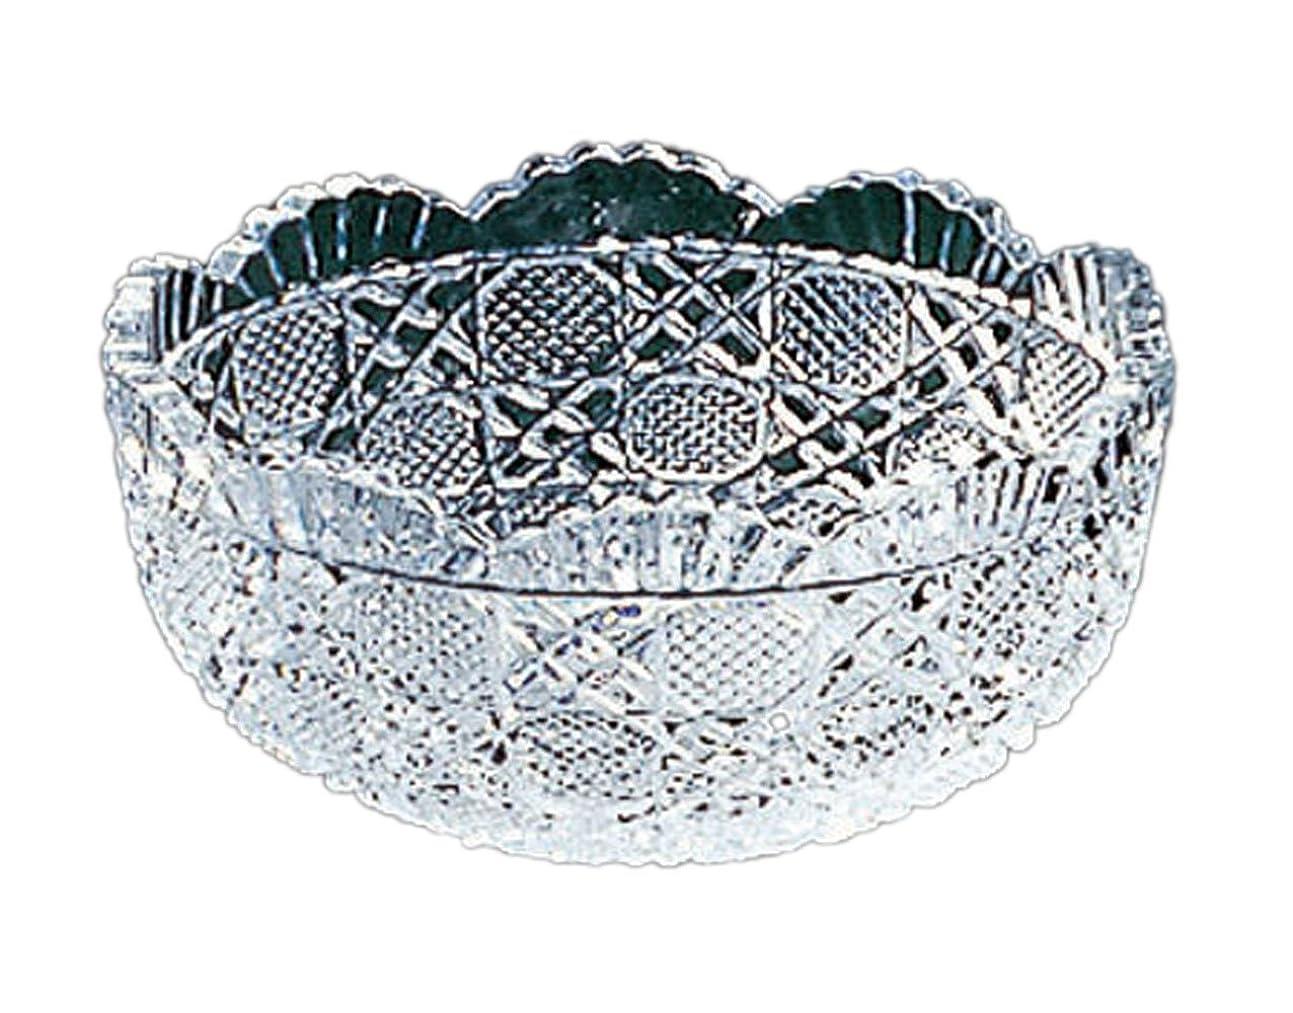 レイア肌寒い叱る東洋佐々木ガラス 中鉢 クリア 約φ13.6×6.2cm 風雅 洗鉢 日本製 LP00607